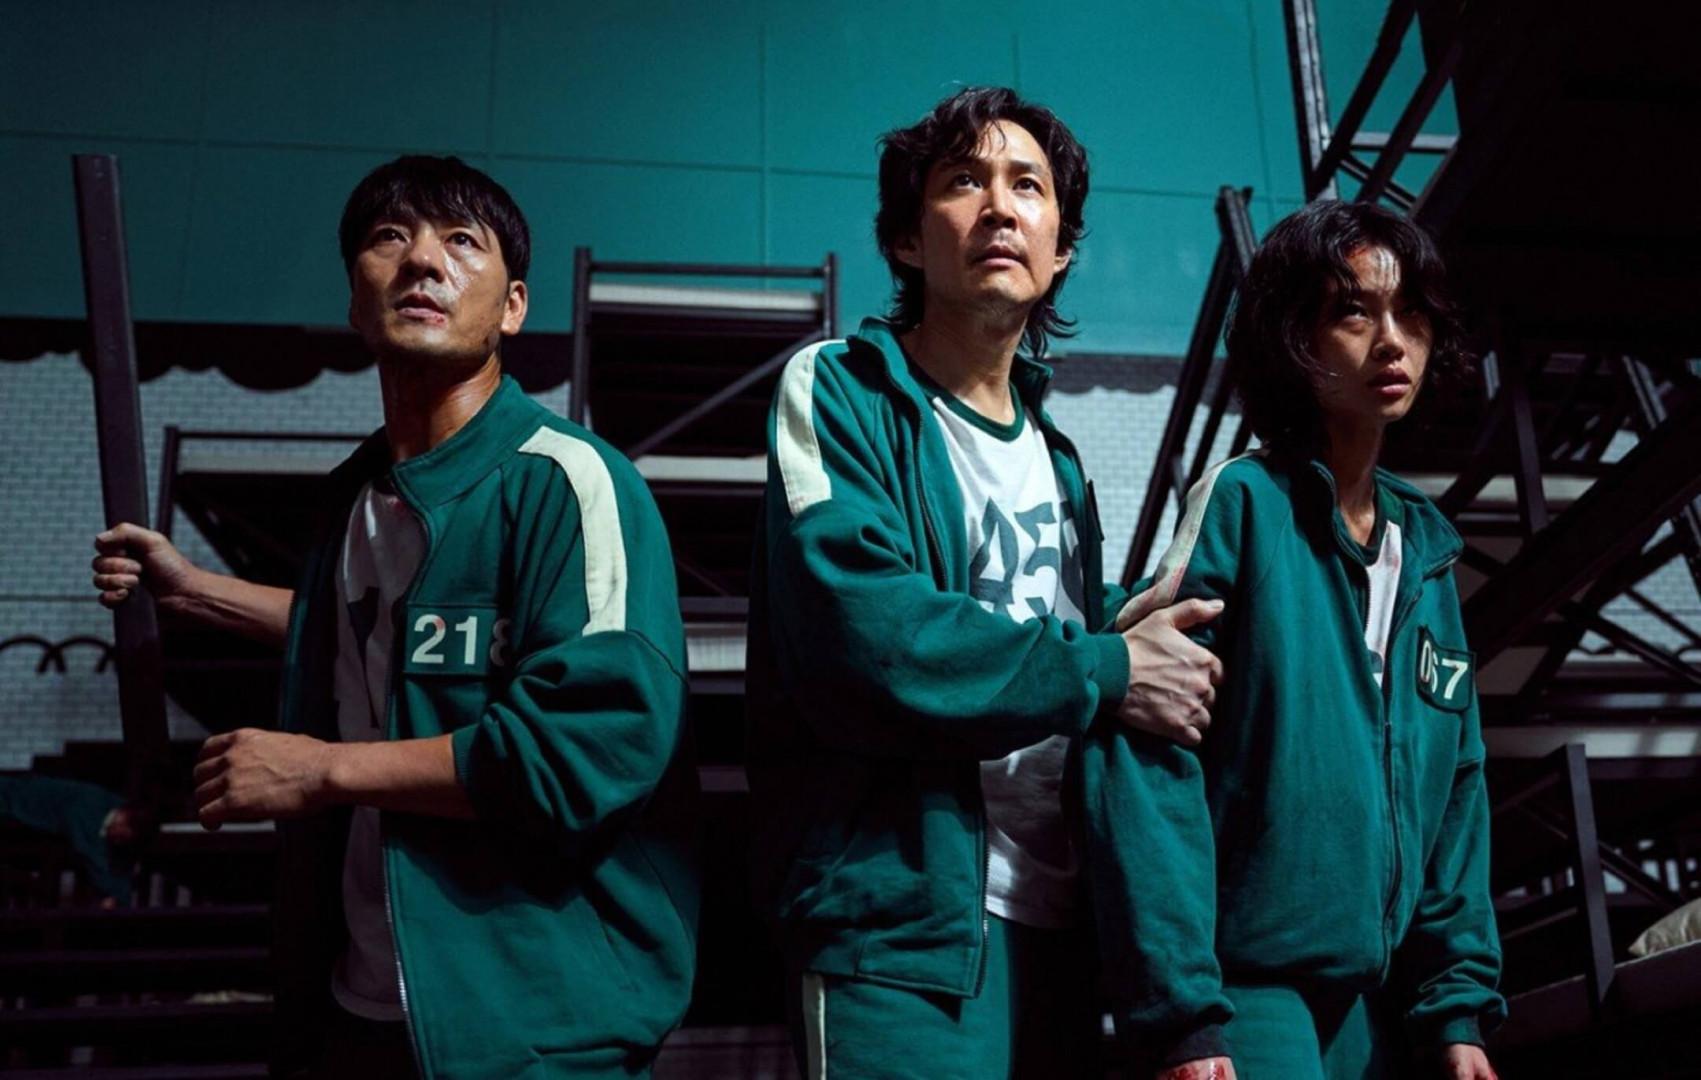 【觀點】何撒娜/《魷魚遊戲》:綠色運動服下的極權凝視,與失控的鄉愁